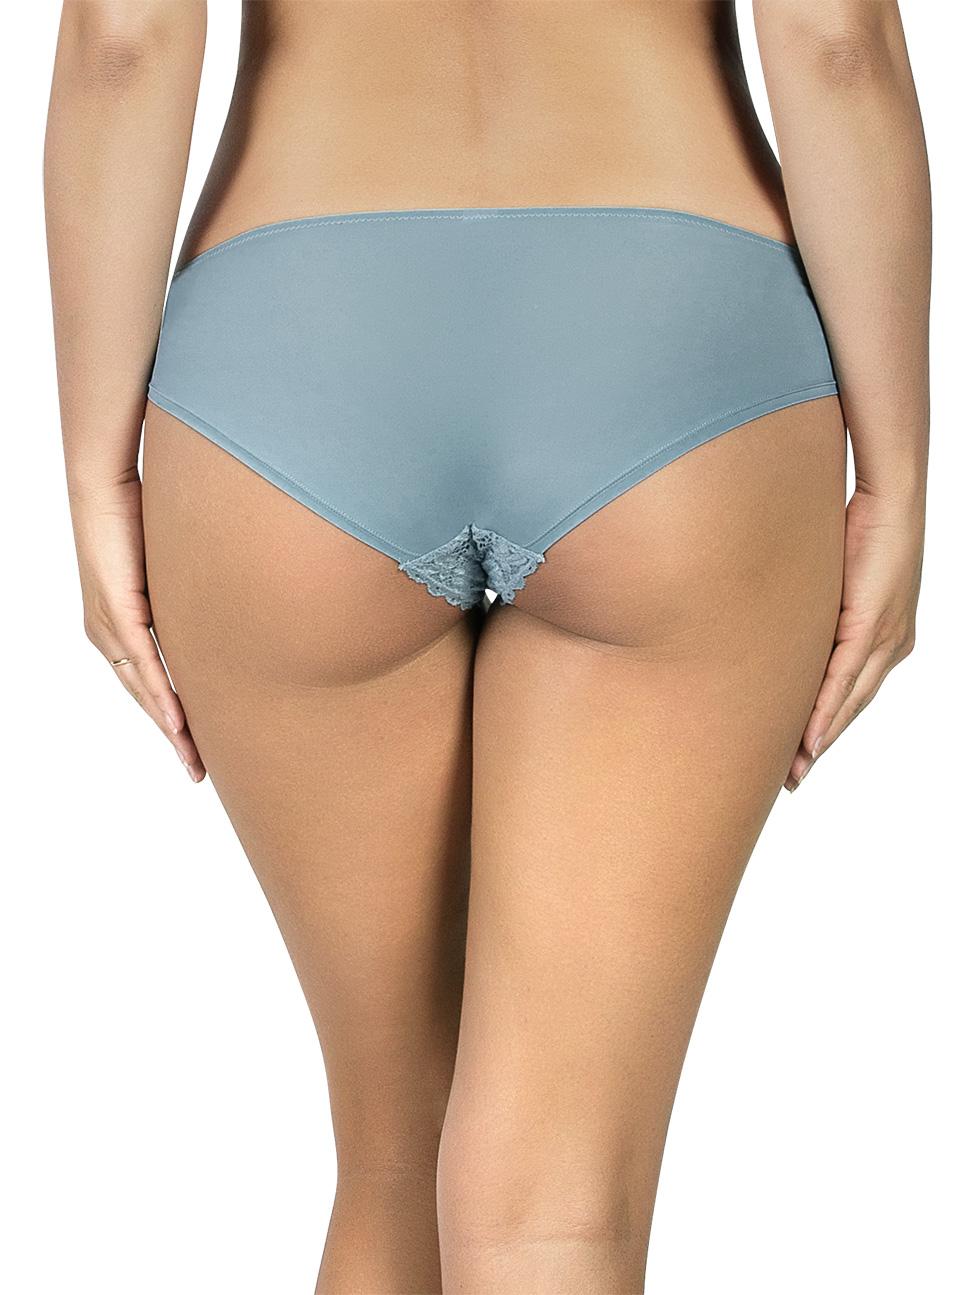 PARFAIT Adriana BikiniP5483 StoneBlue Back copy - Adriana Bikini Stone Blue P5483